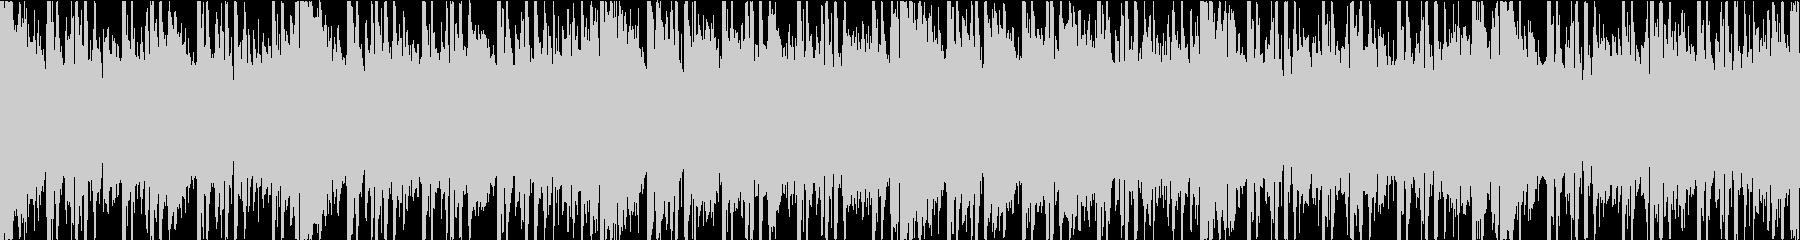 賑やかビッグビート・バラエティ ループの未再生の波形